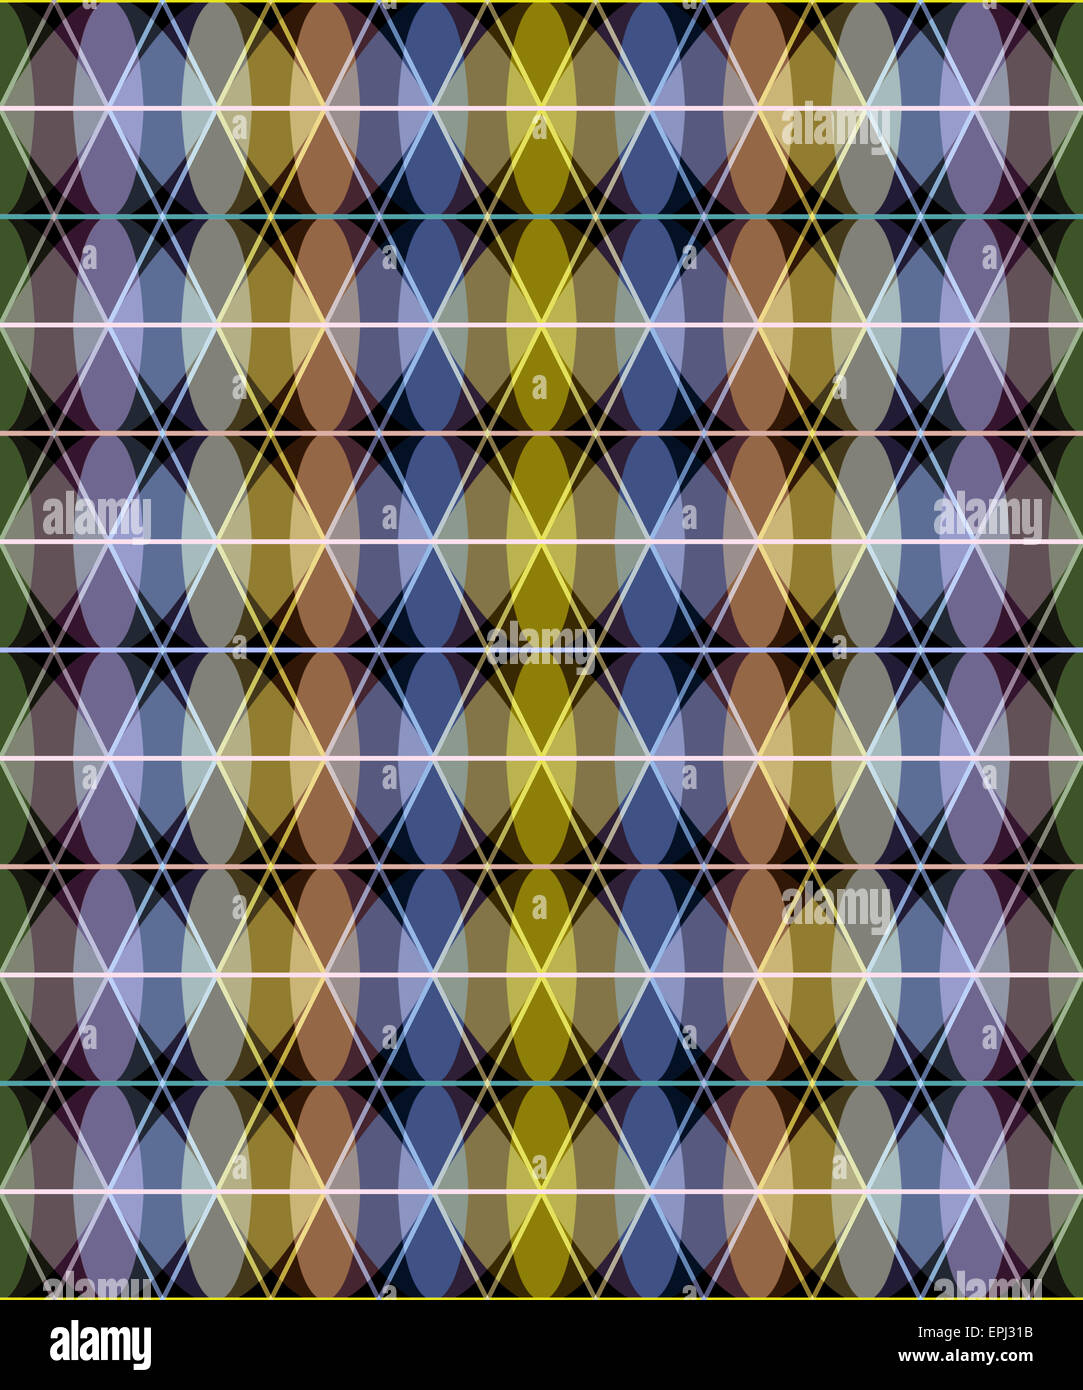 seamless pattern - Stock Image